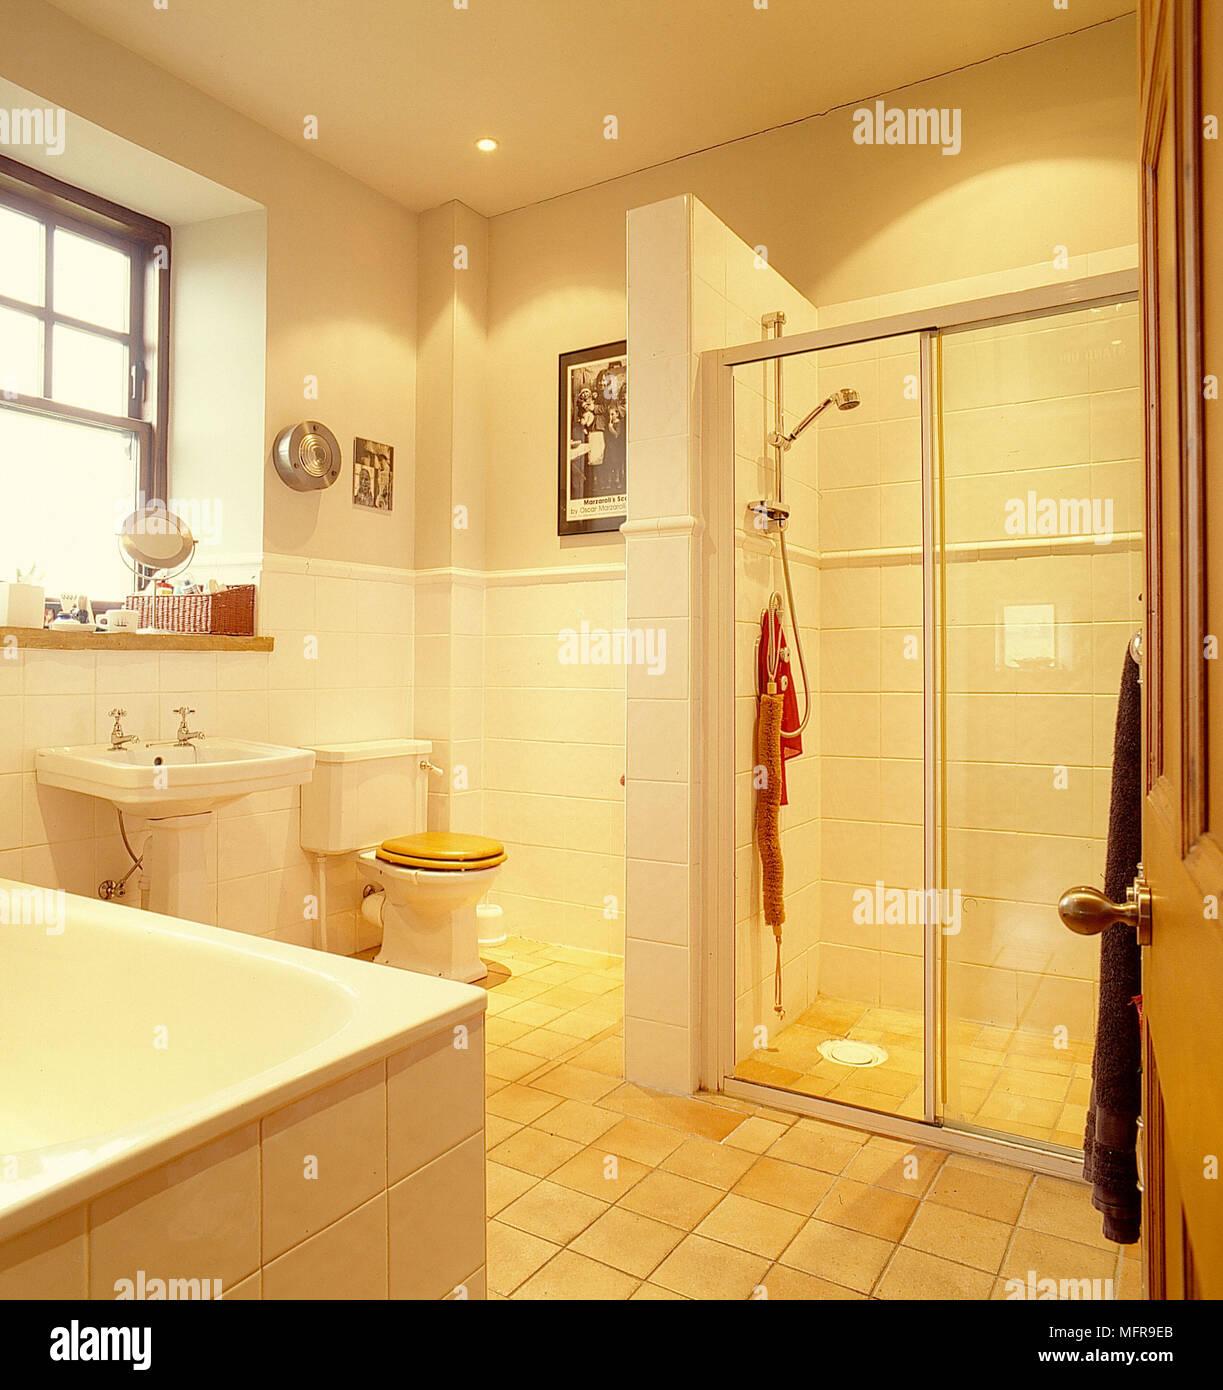 Salle De Bains Murs Creme Blanc Baignoire Lavabo Toilettes Avec